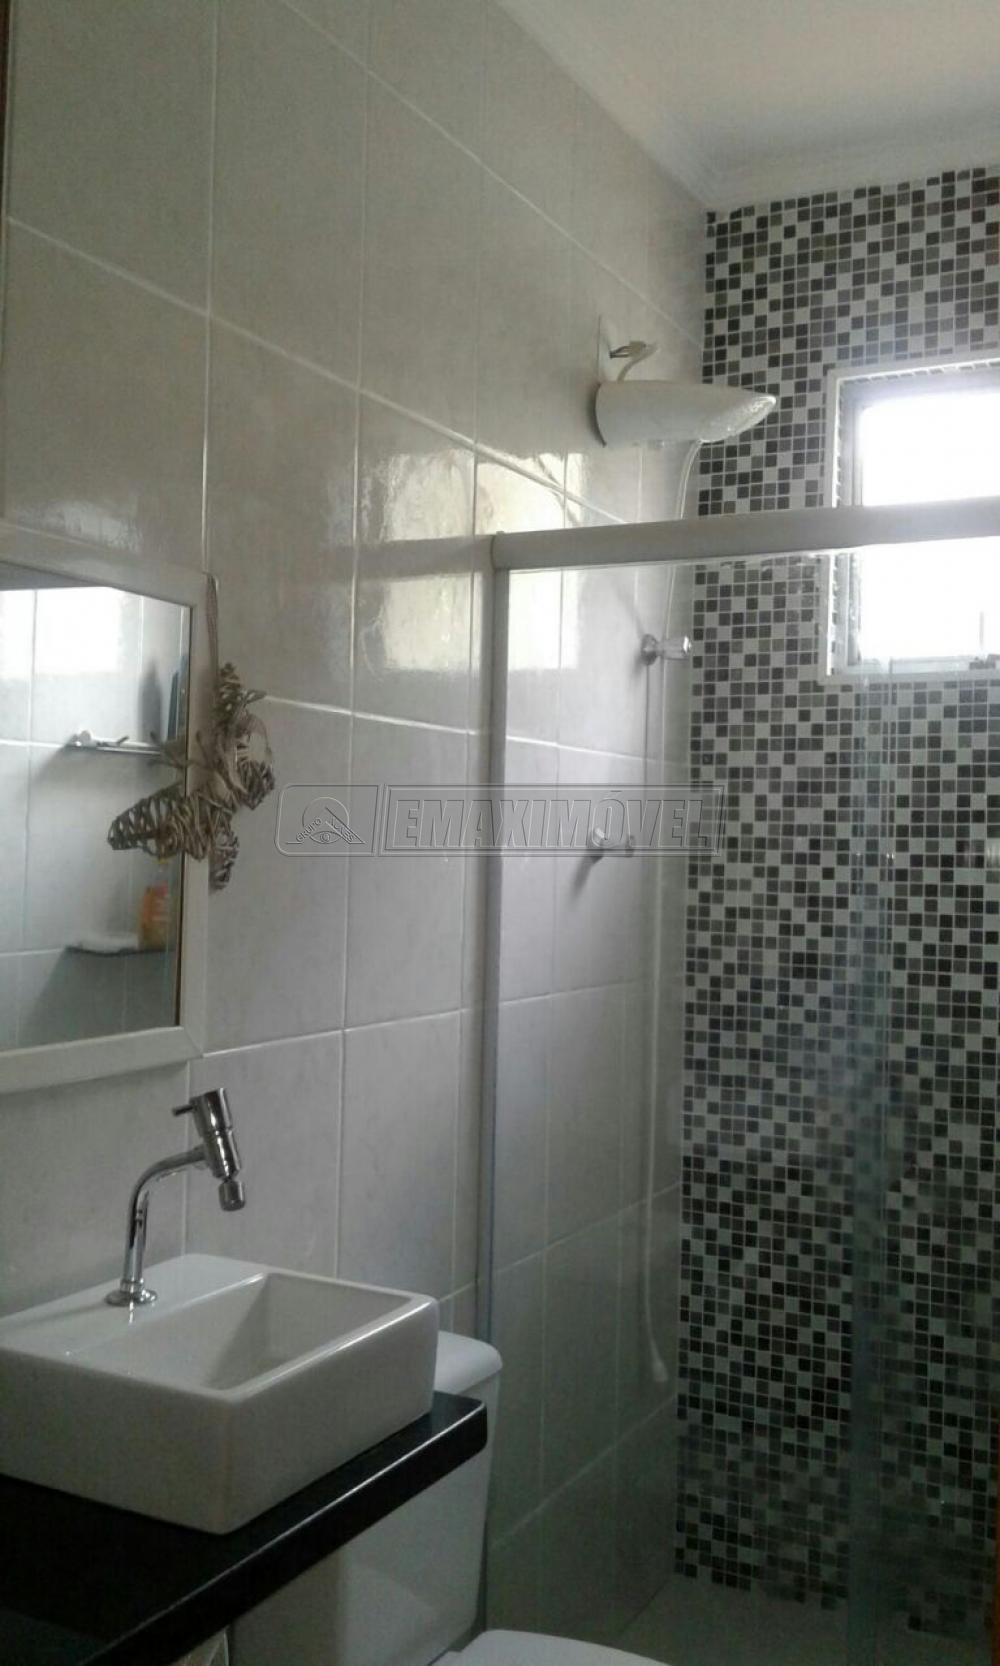 Comprar Apartamento / Cobertura em Votorantim R$ 321.000,00 - Foto 8